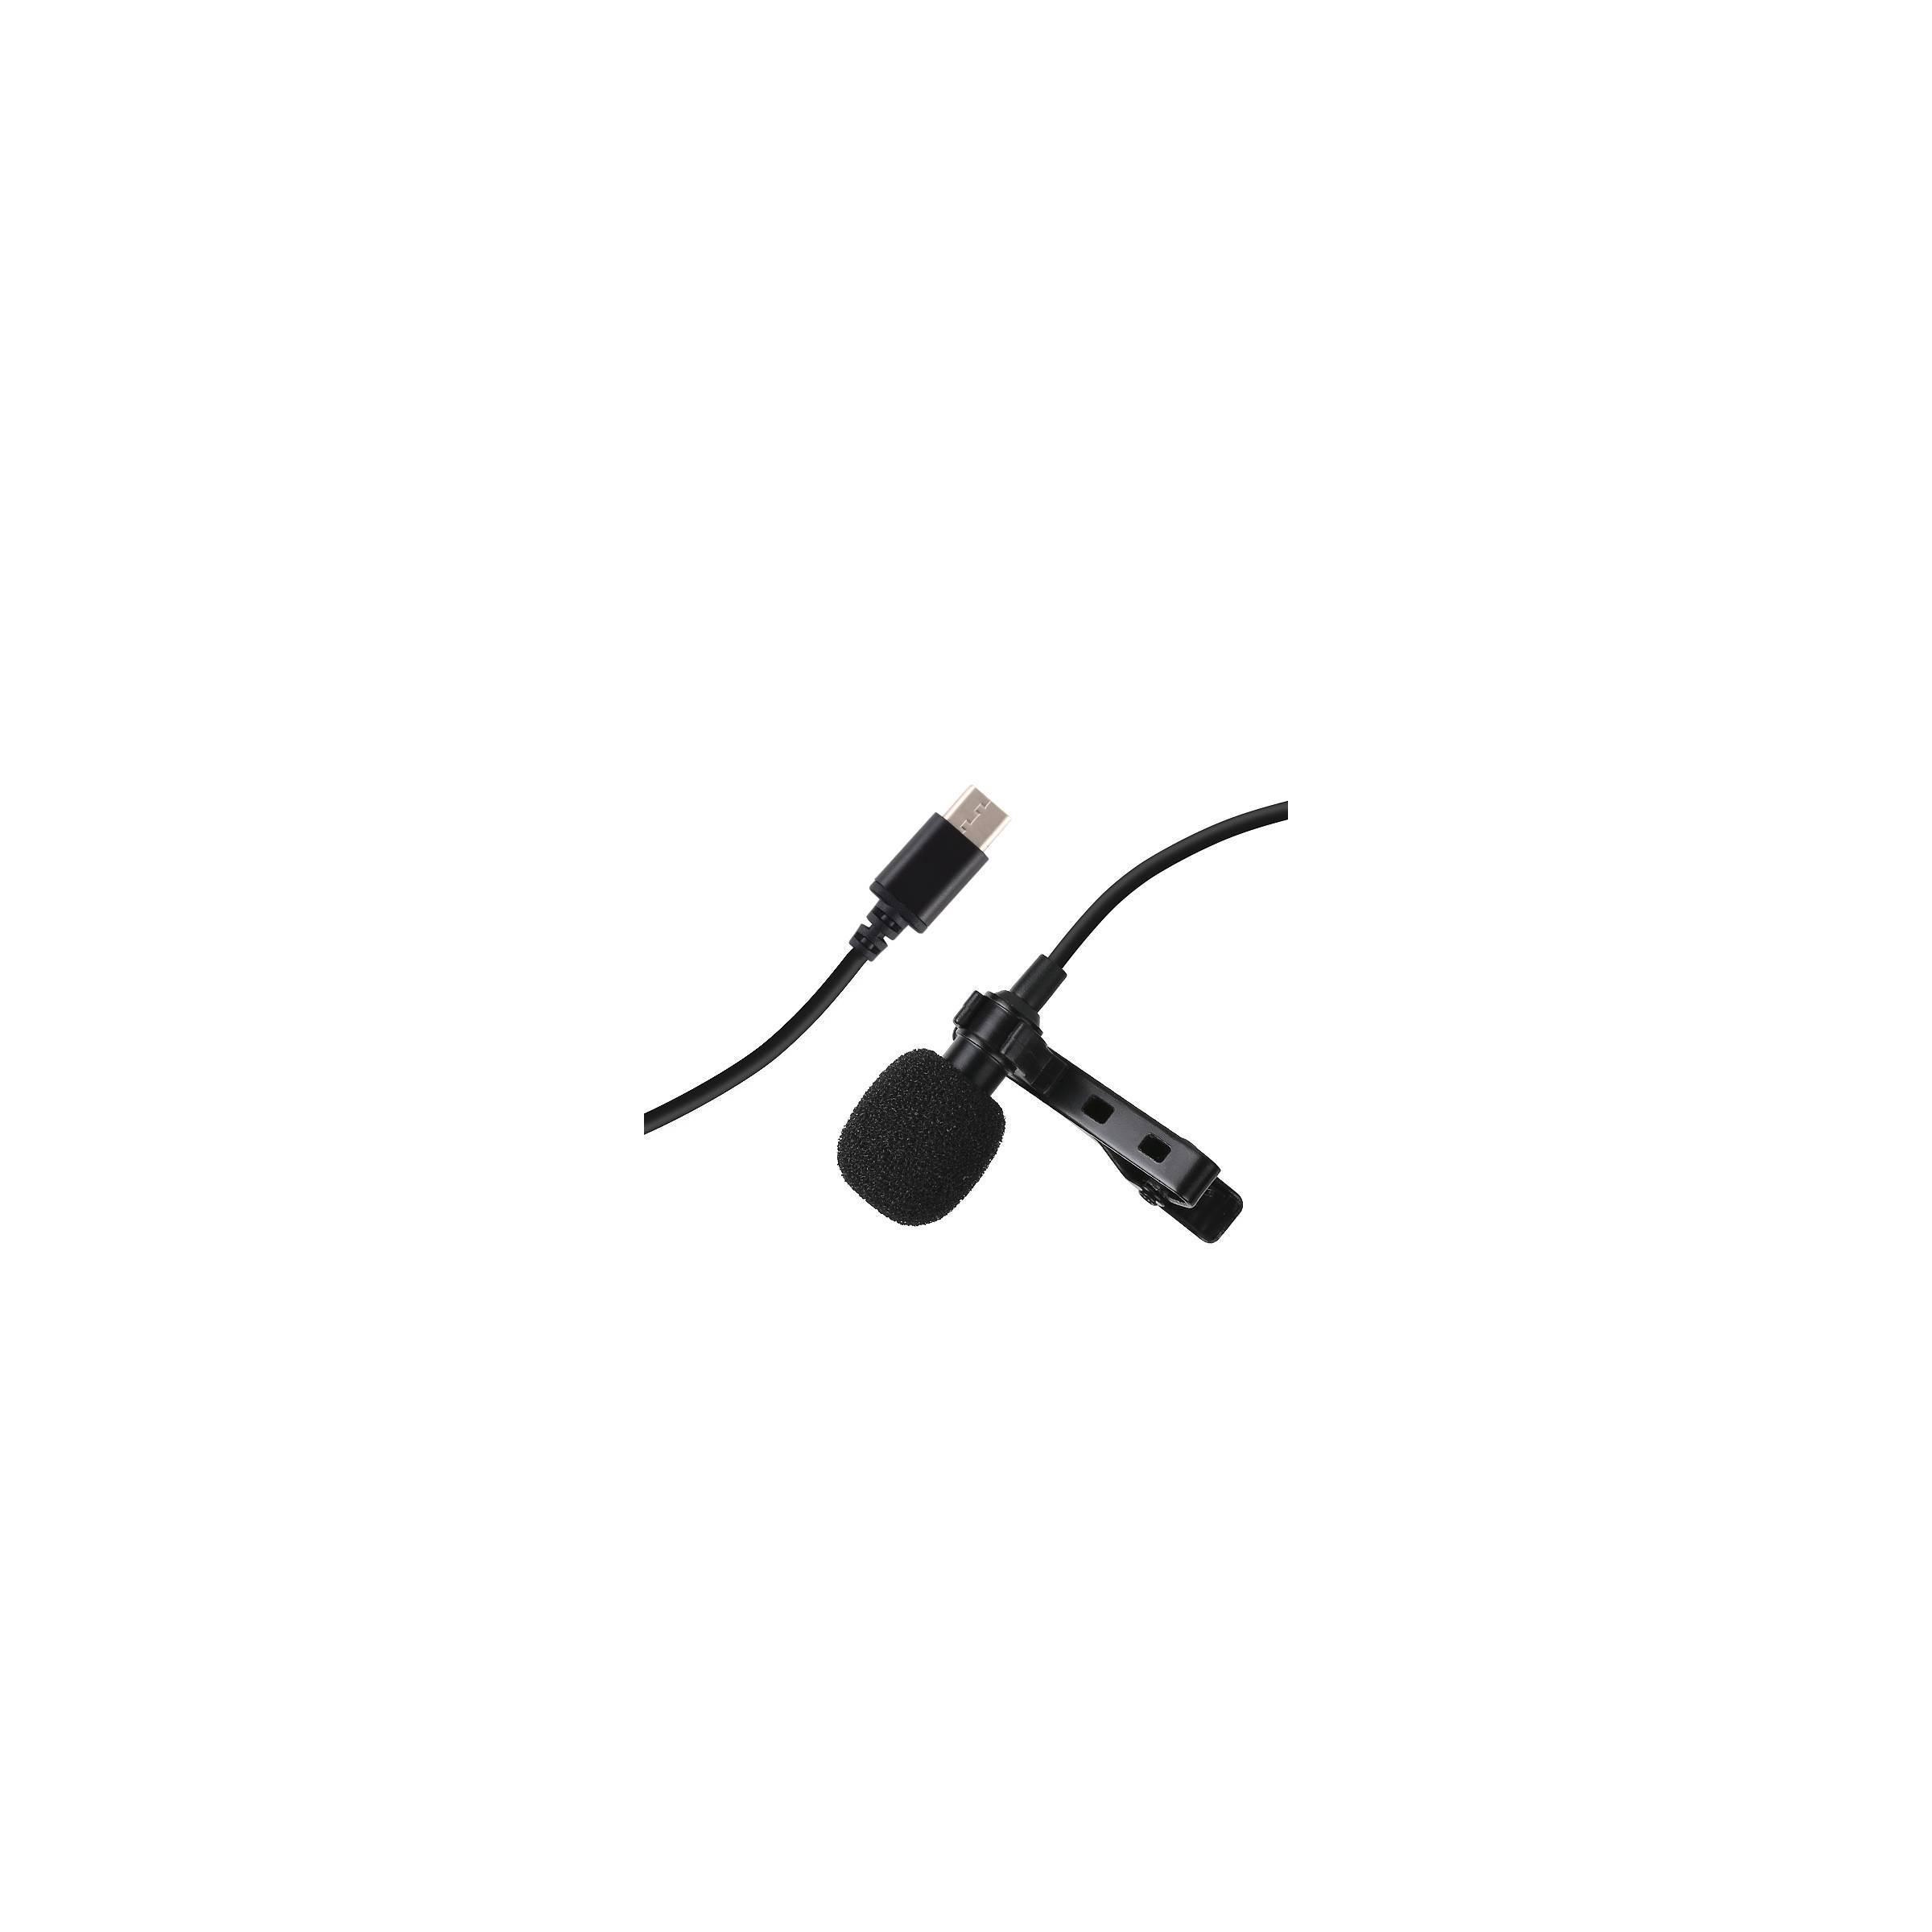 Mikrofon clip on til android med usb-c puluz fra puluz på mackabler.dk